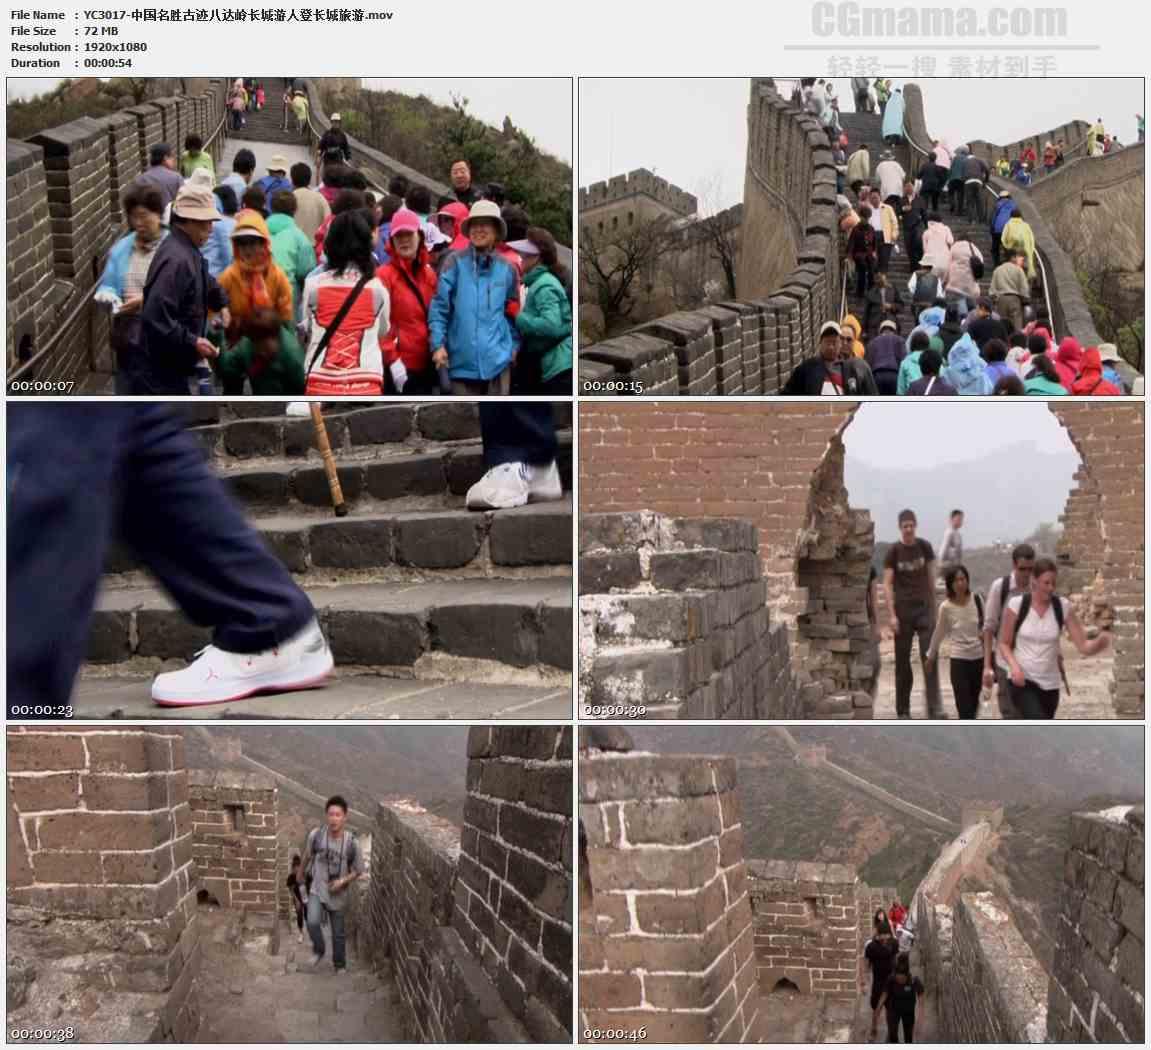 YC3017-中国名胜古迹八达岭长城游人登长城旅游高清实拍视频素材